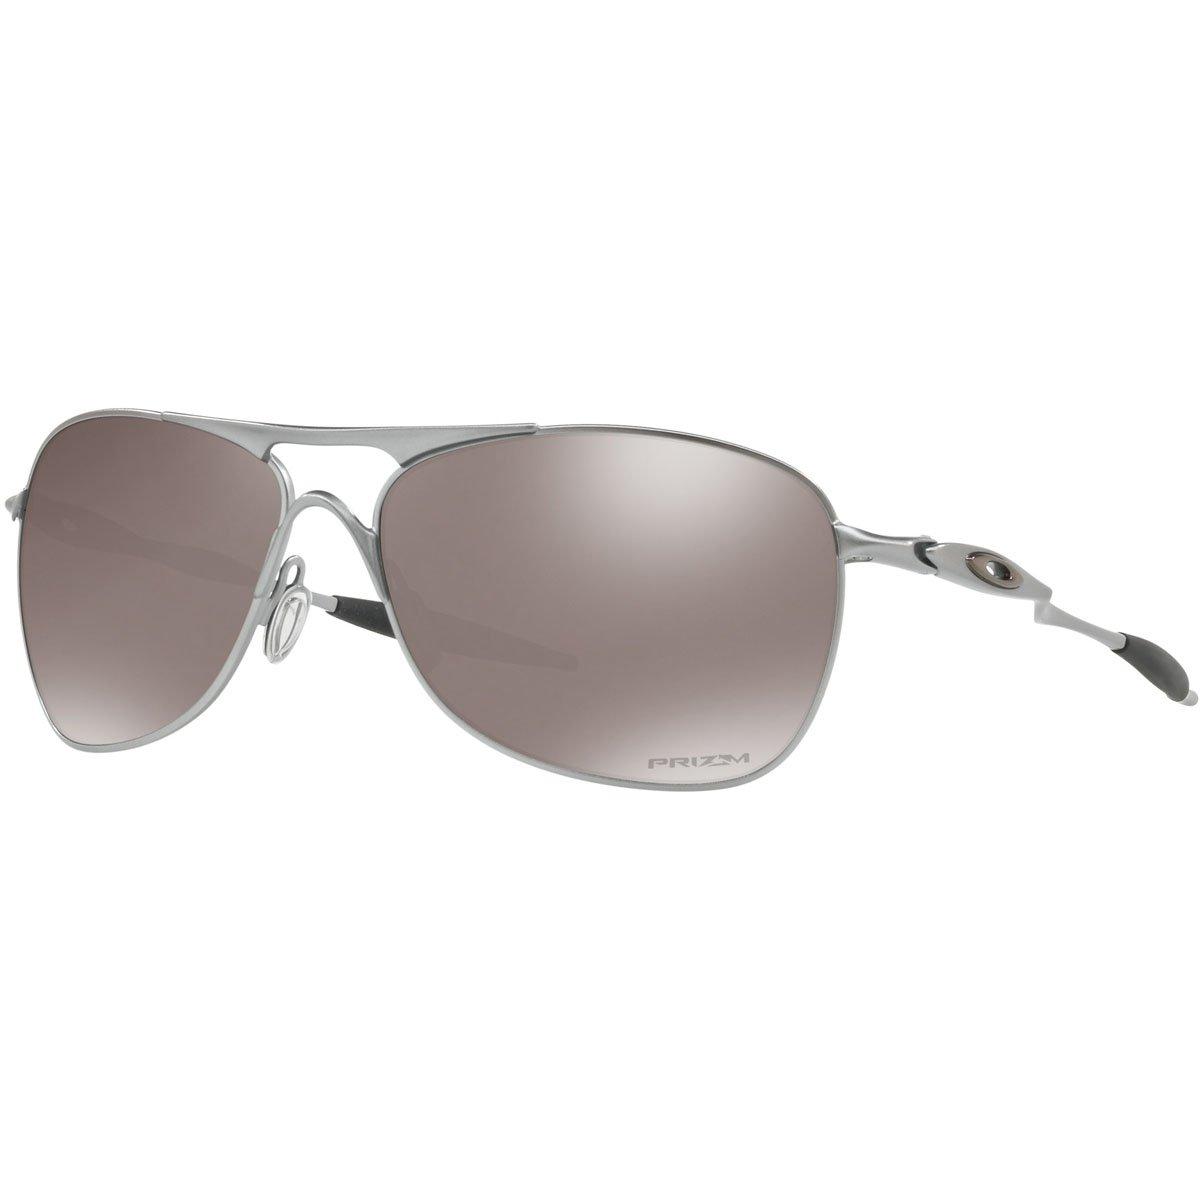 Oakley Men's OO4060 Crosshair Aviator Metal Sunglasses, Lead/Prizm Black Polarized, 61 mm by Oakley